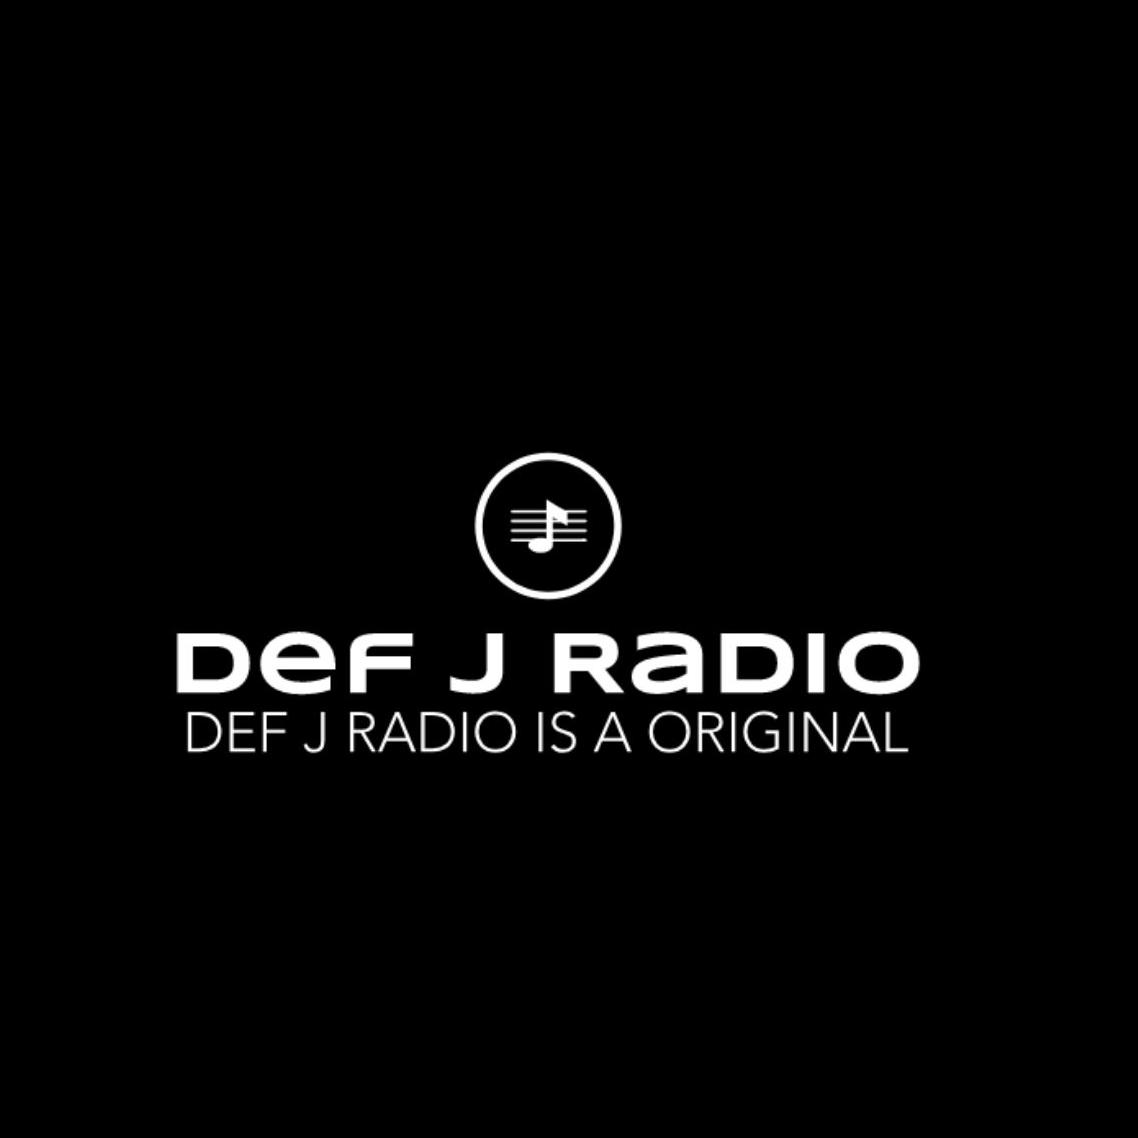 Def J FM